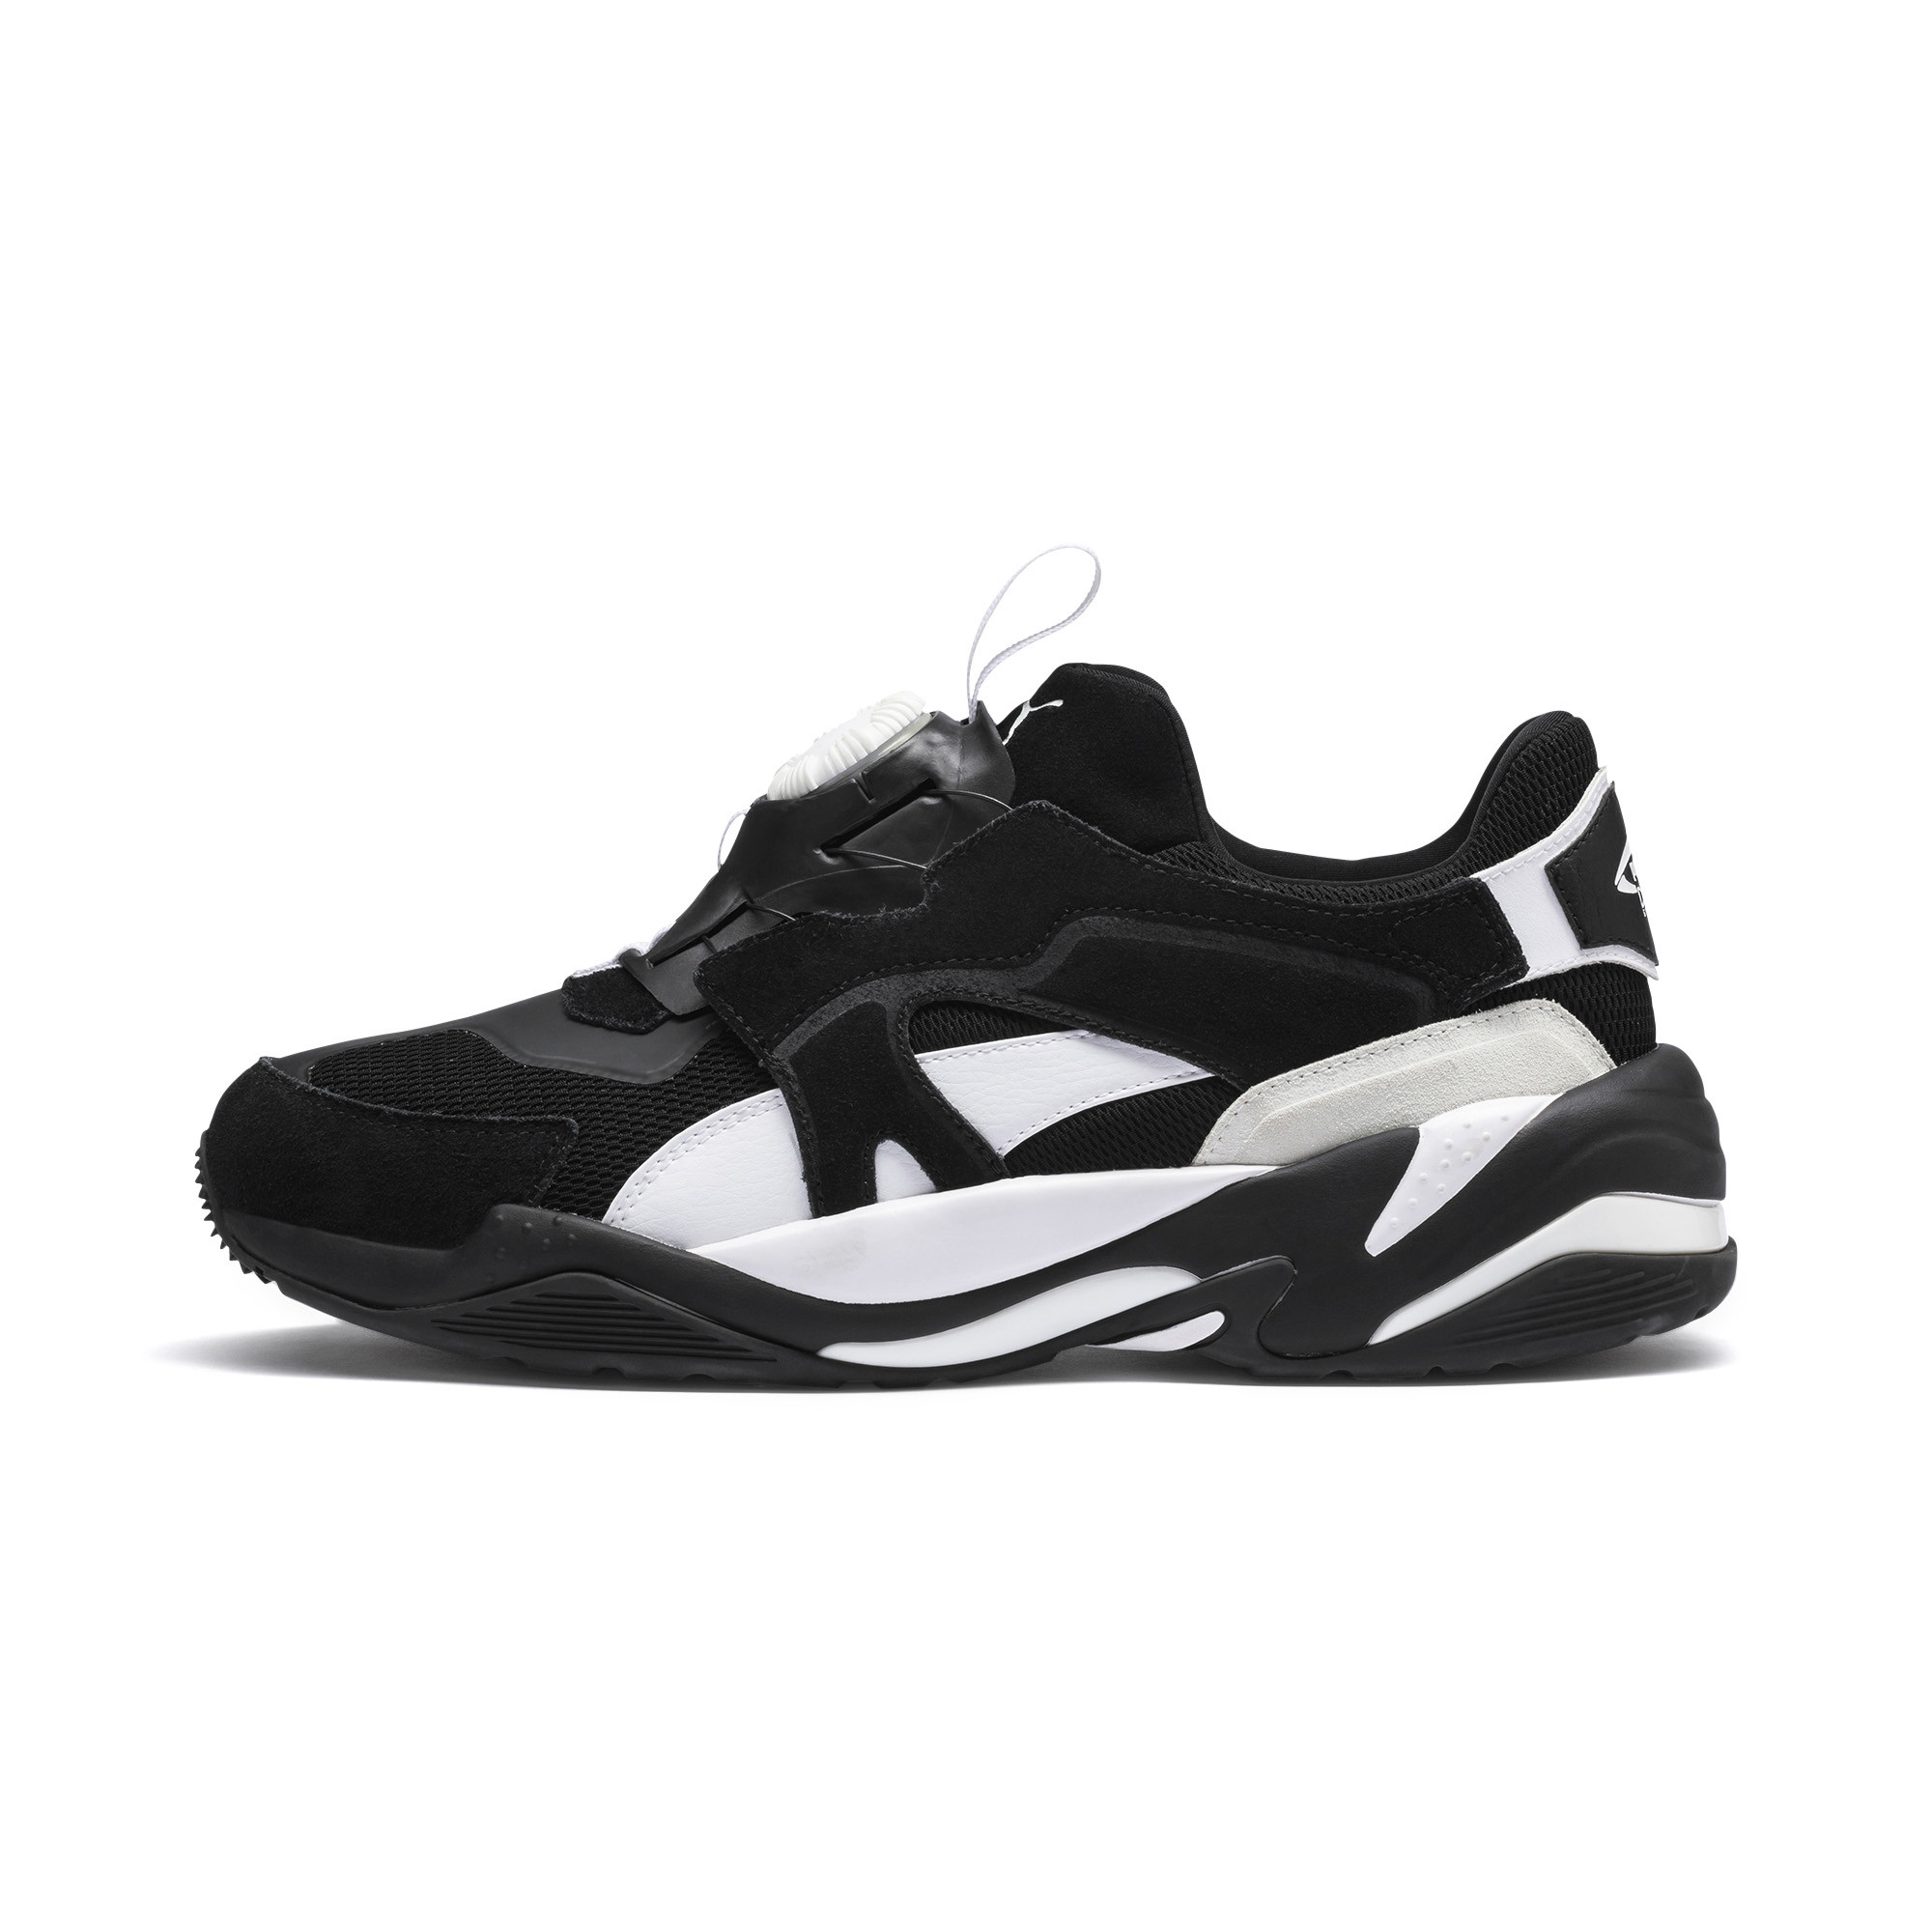 67fd3b5a2 Коллекция кроссовок PUMA Thunder - купить в официальном интернет-магазине  PUMA